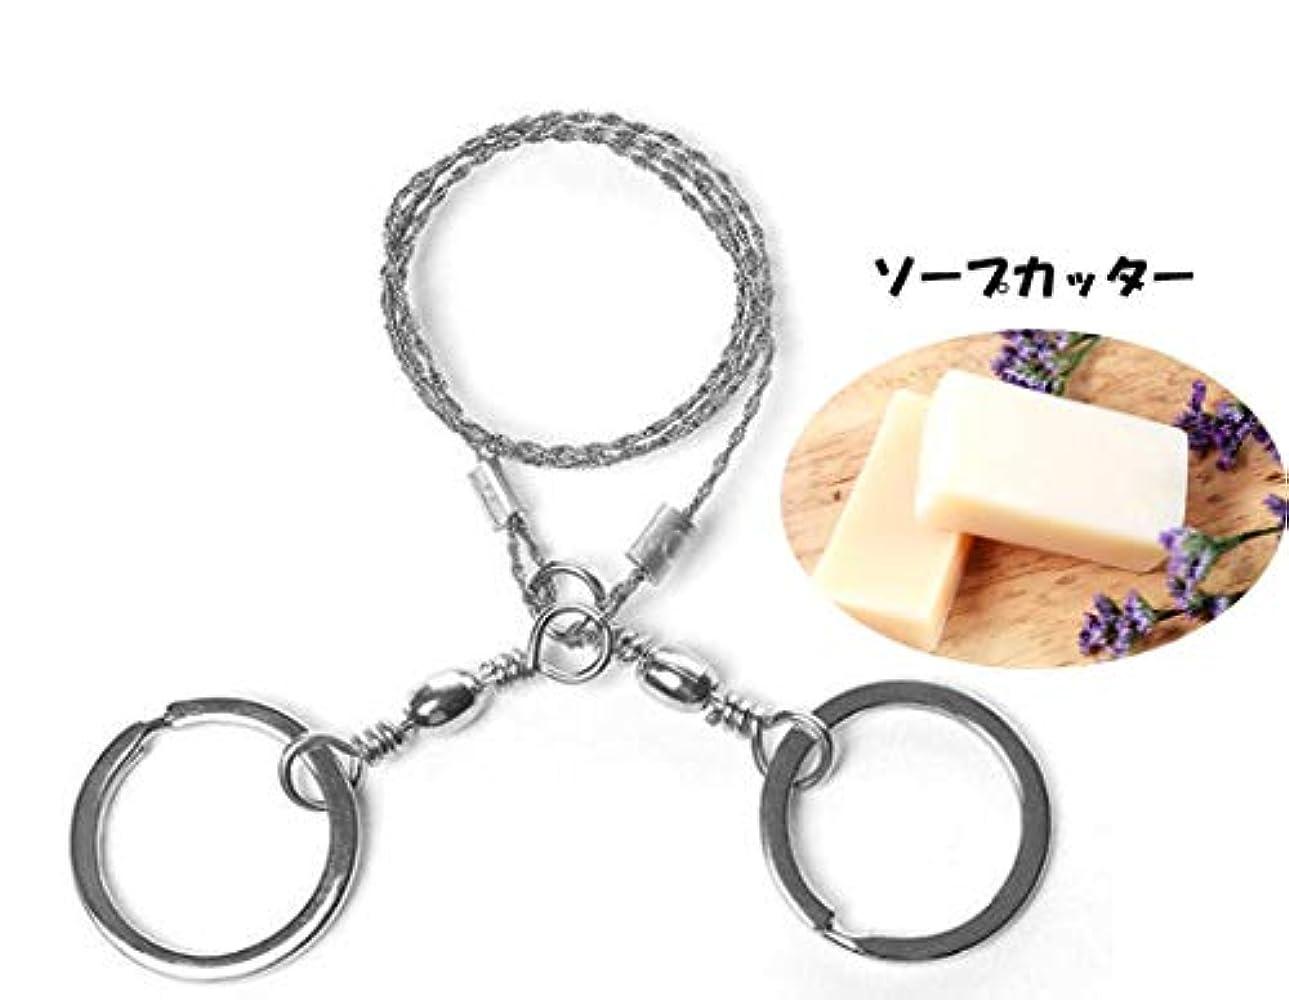 練習有望専らワイヤーカッター ハンドルソープ カッター 糸鋸 手作り石けん Soap Making 小型 便利 持ち手リング付 軽量